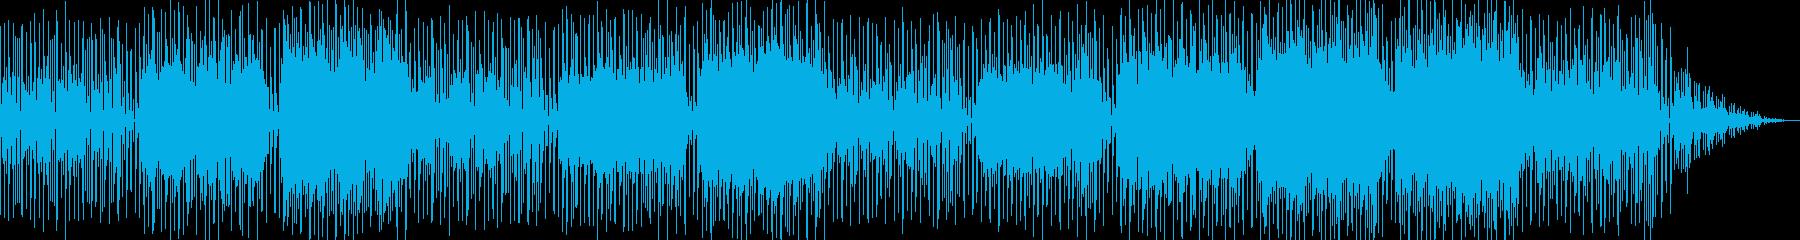 チルでアブストラクトなTech系BGMの再生済みの波形